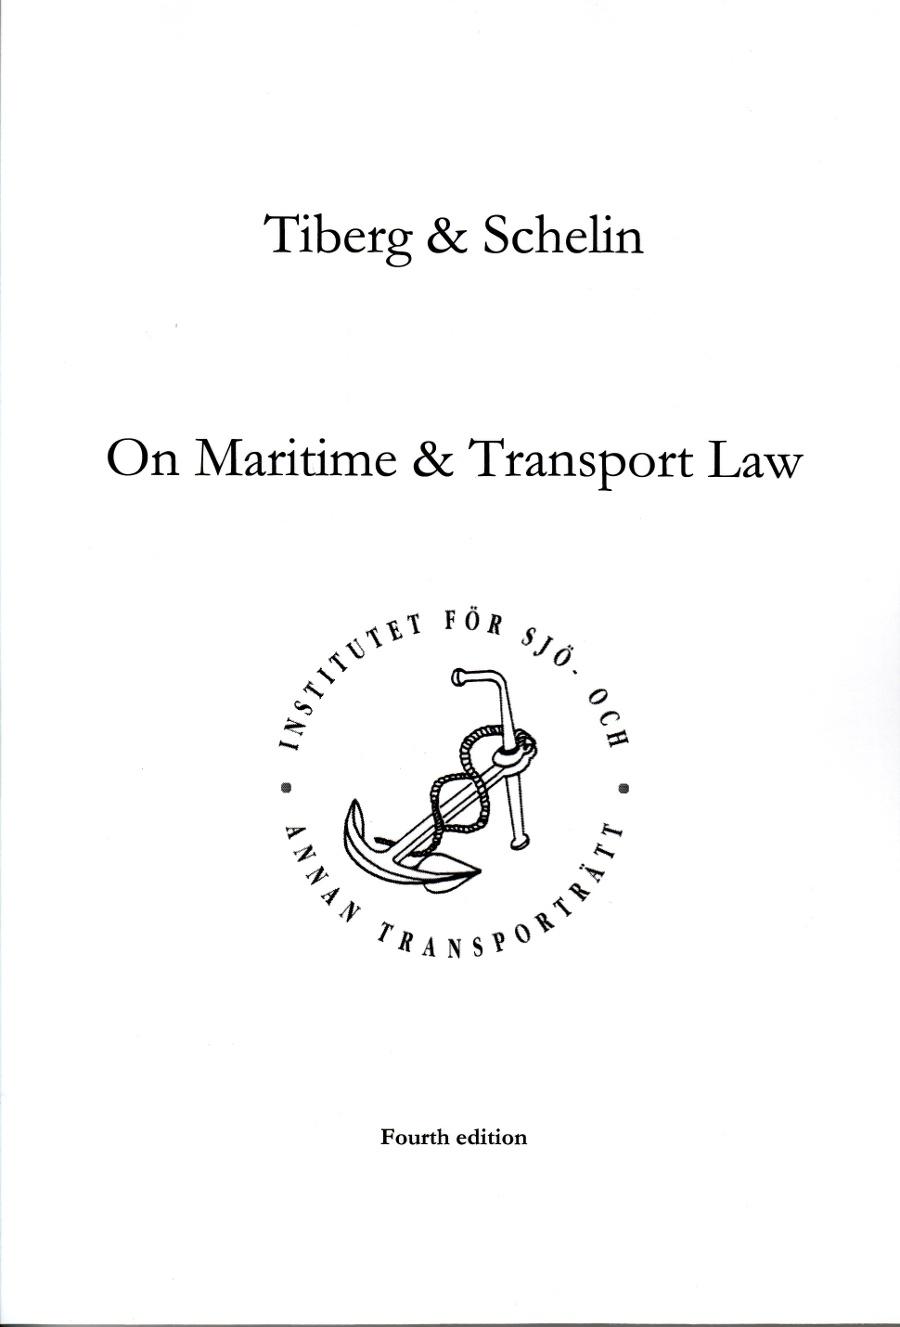 On maritime & transport law av Hugo Tiberg